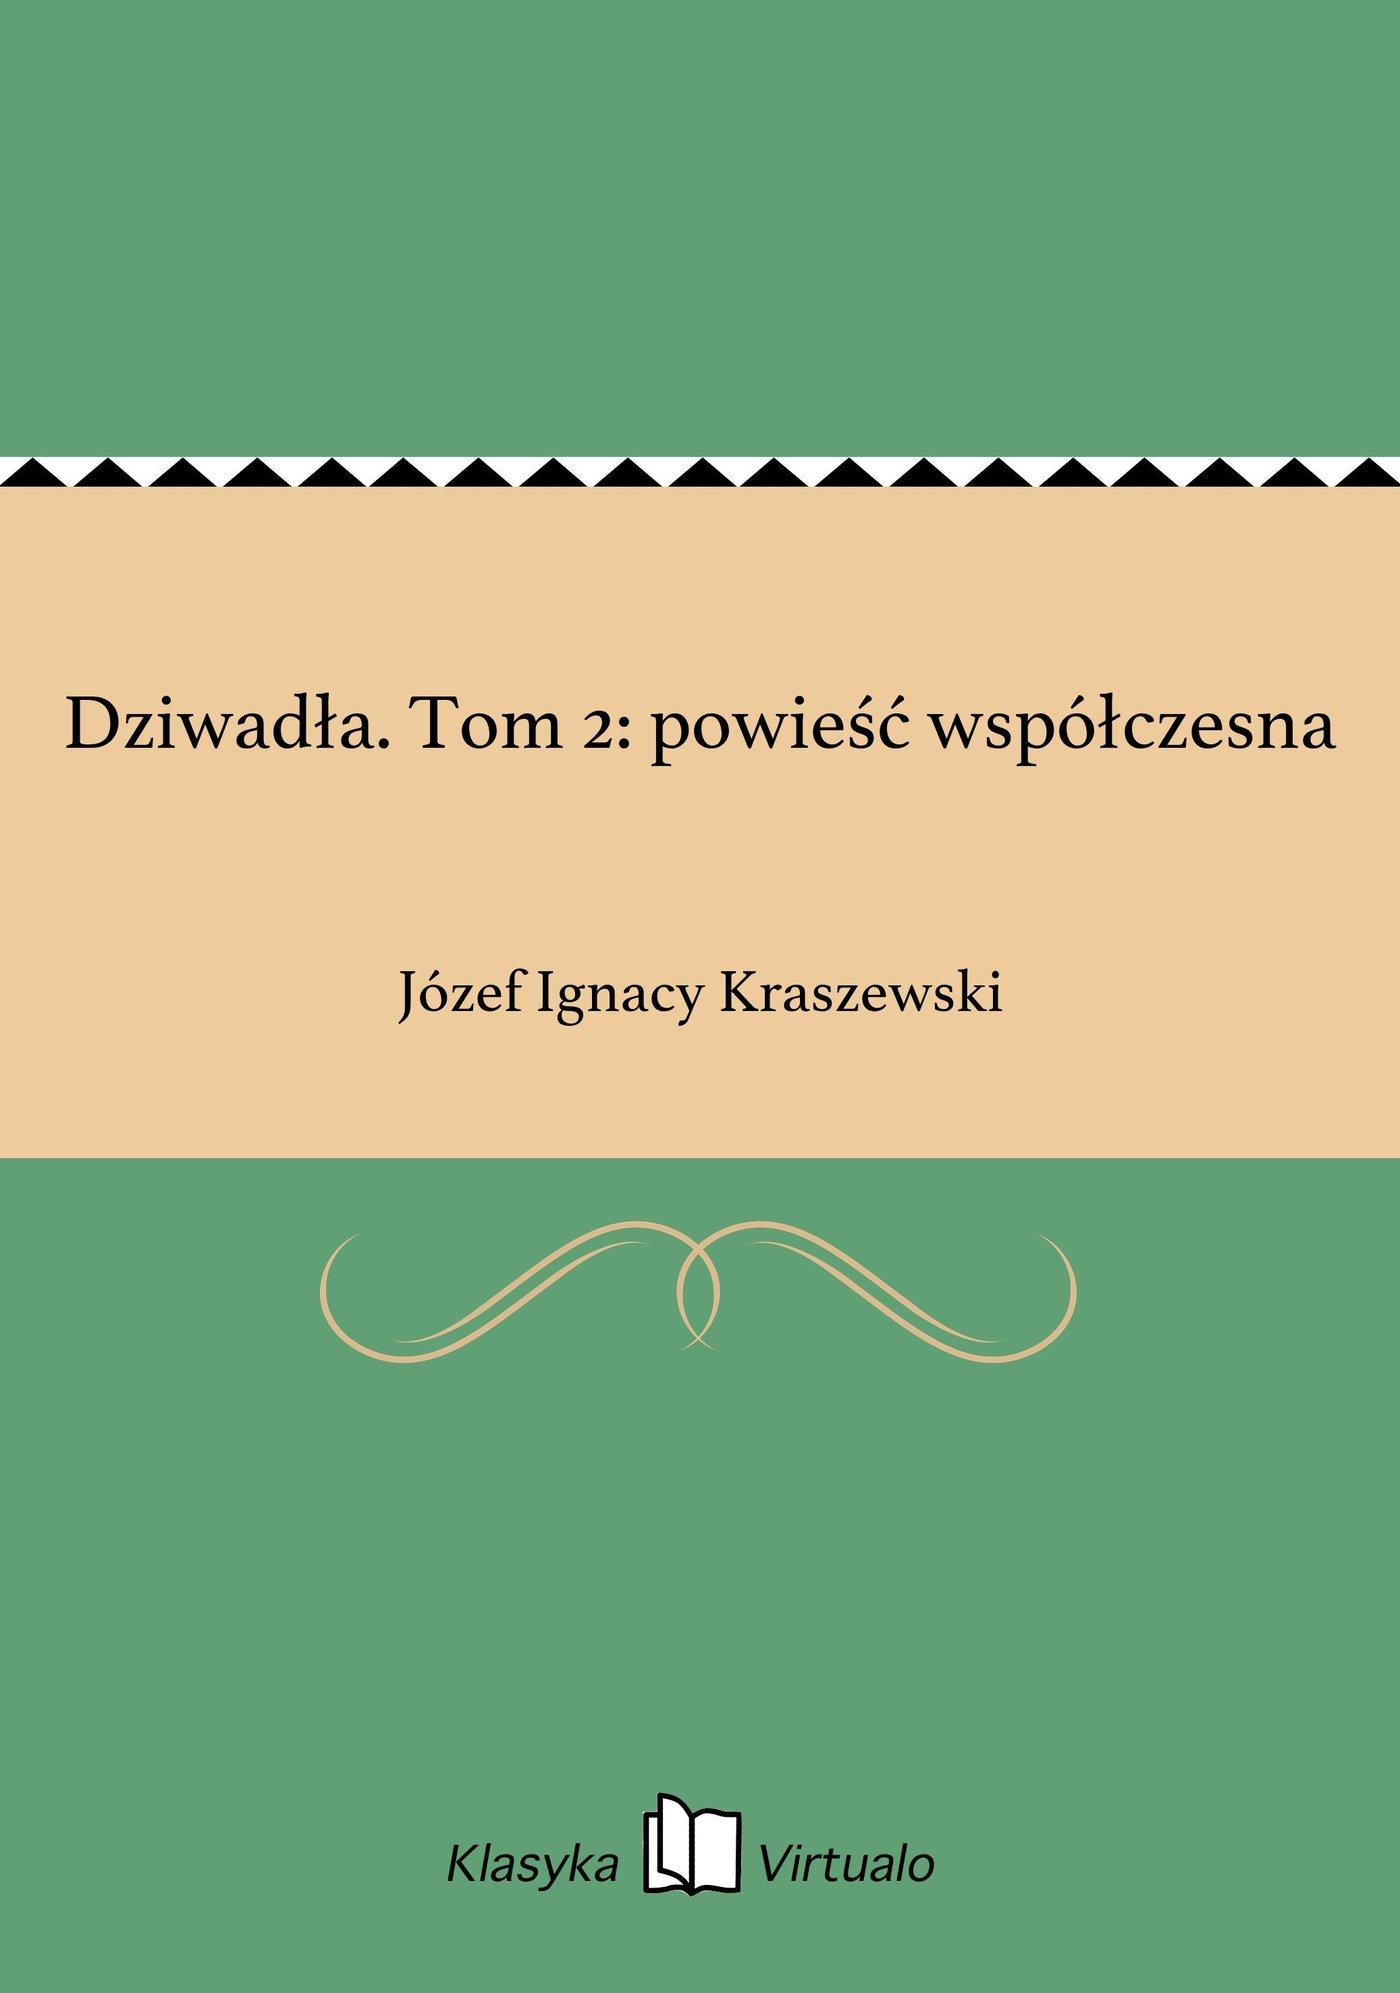 Dziwadła. Tom 2: powieść współczesna - Ebook (Książka EPUB) do pobrania w formacie EPUB